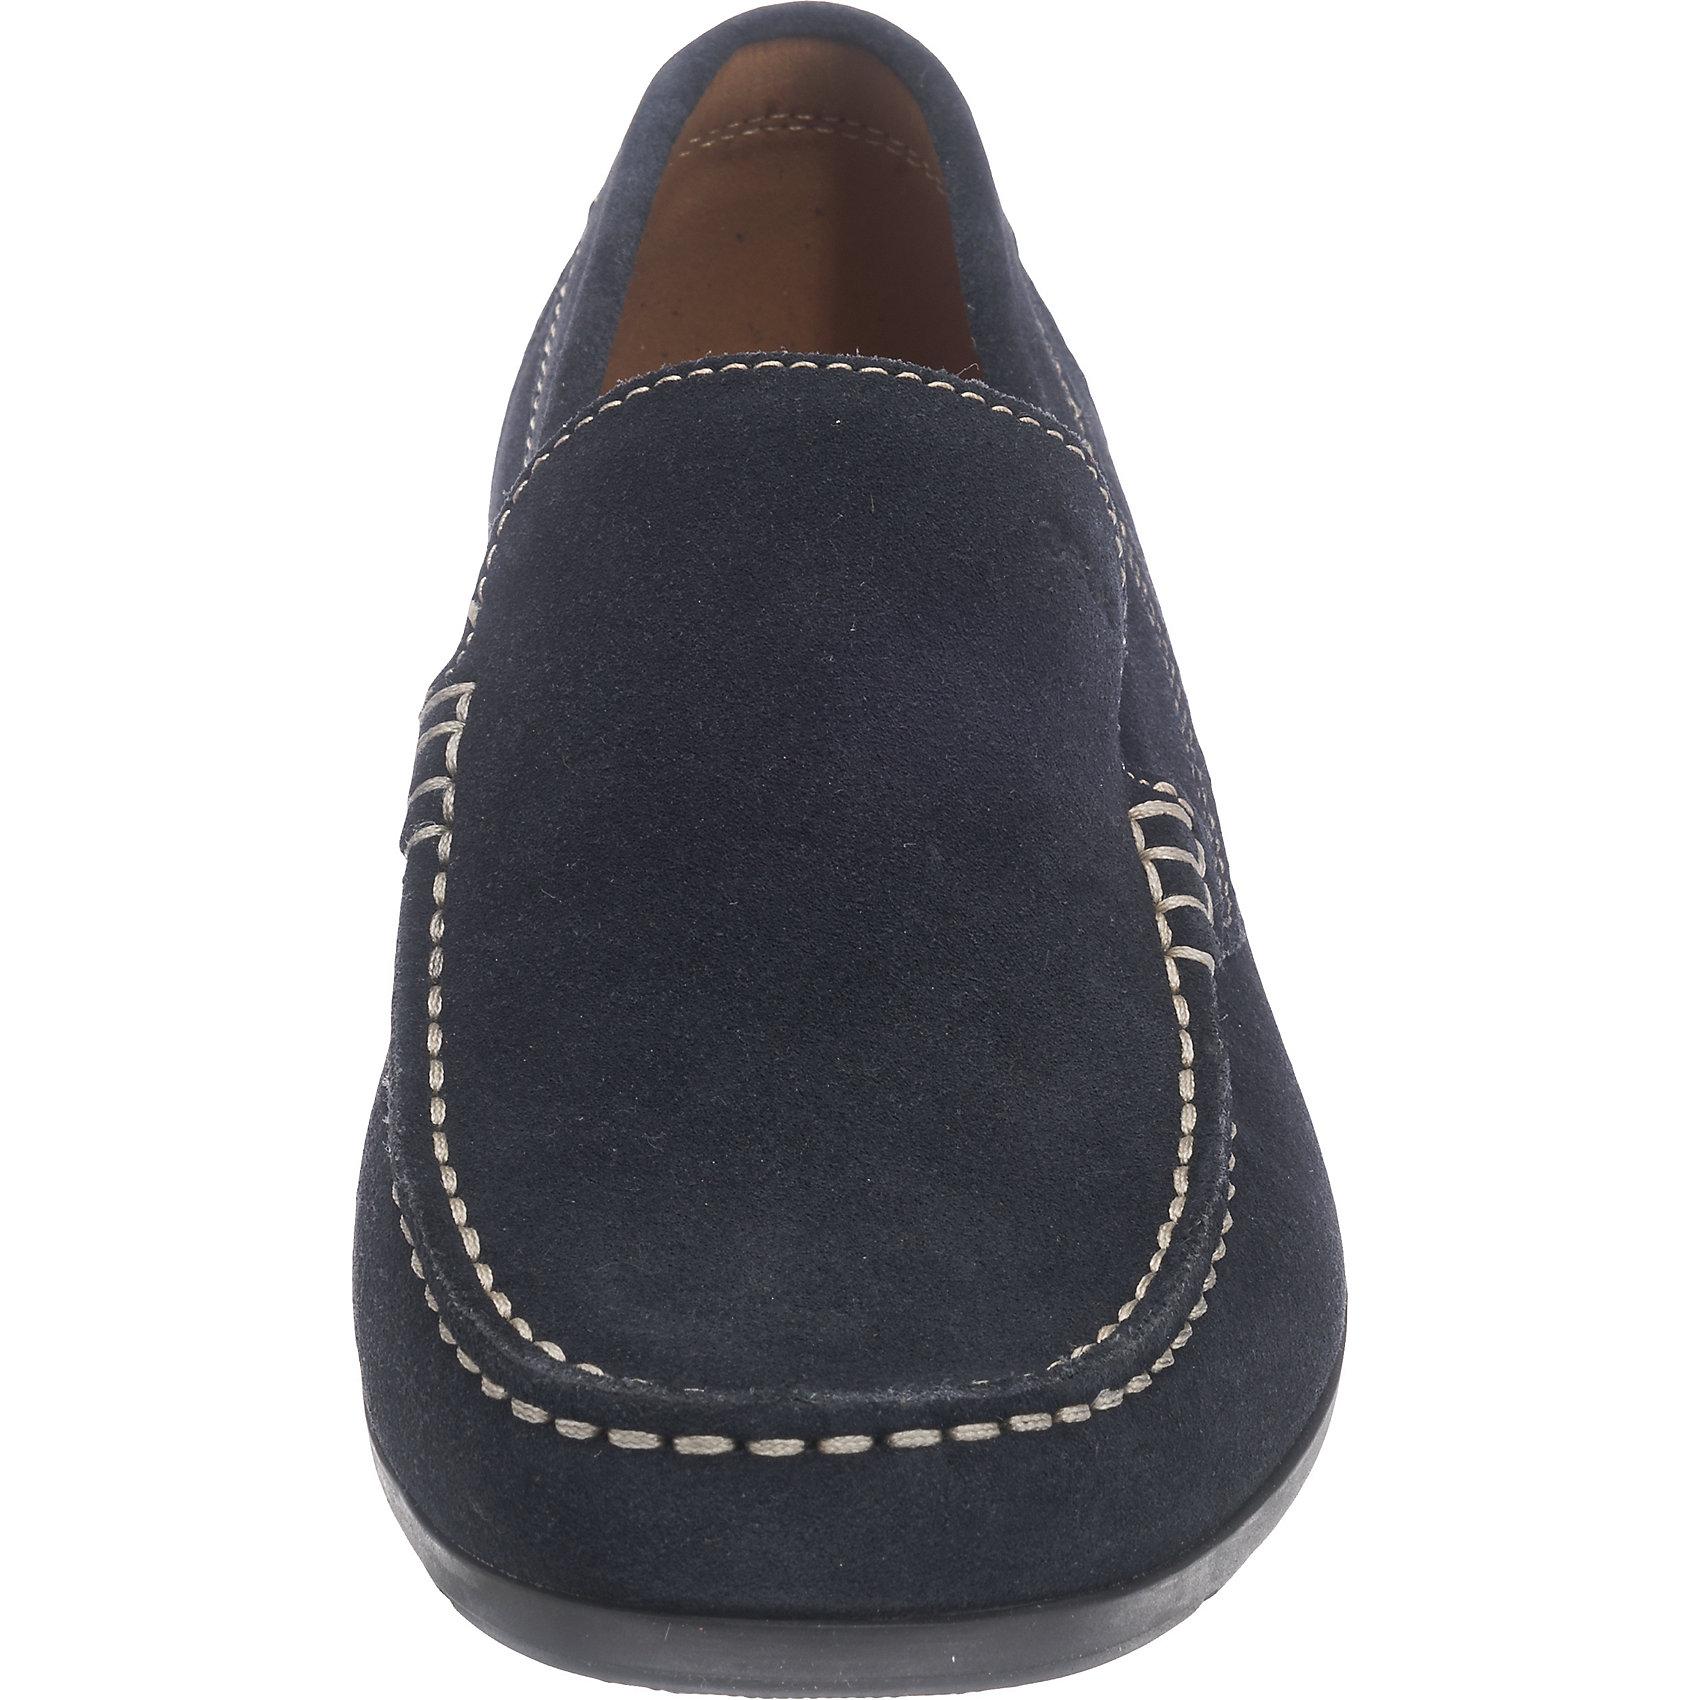 Neu GEOX Siron Klassische blau Slipper 5768925 für Herren blau Klassische febc59